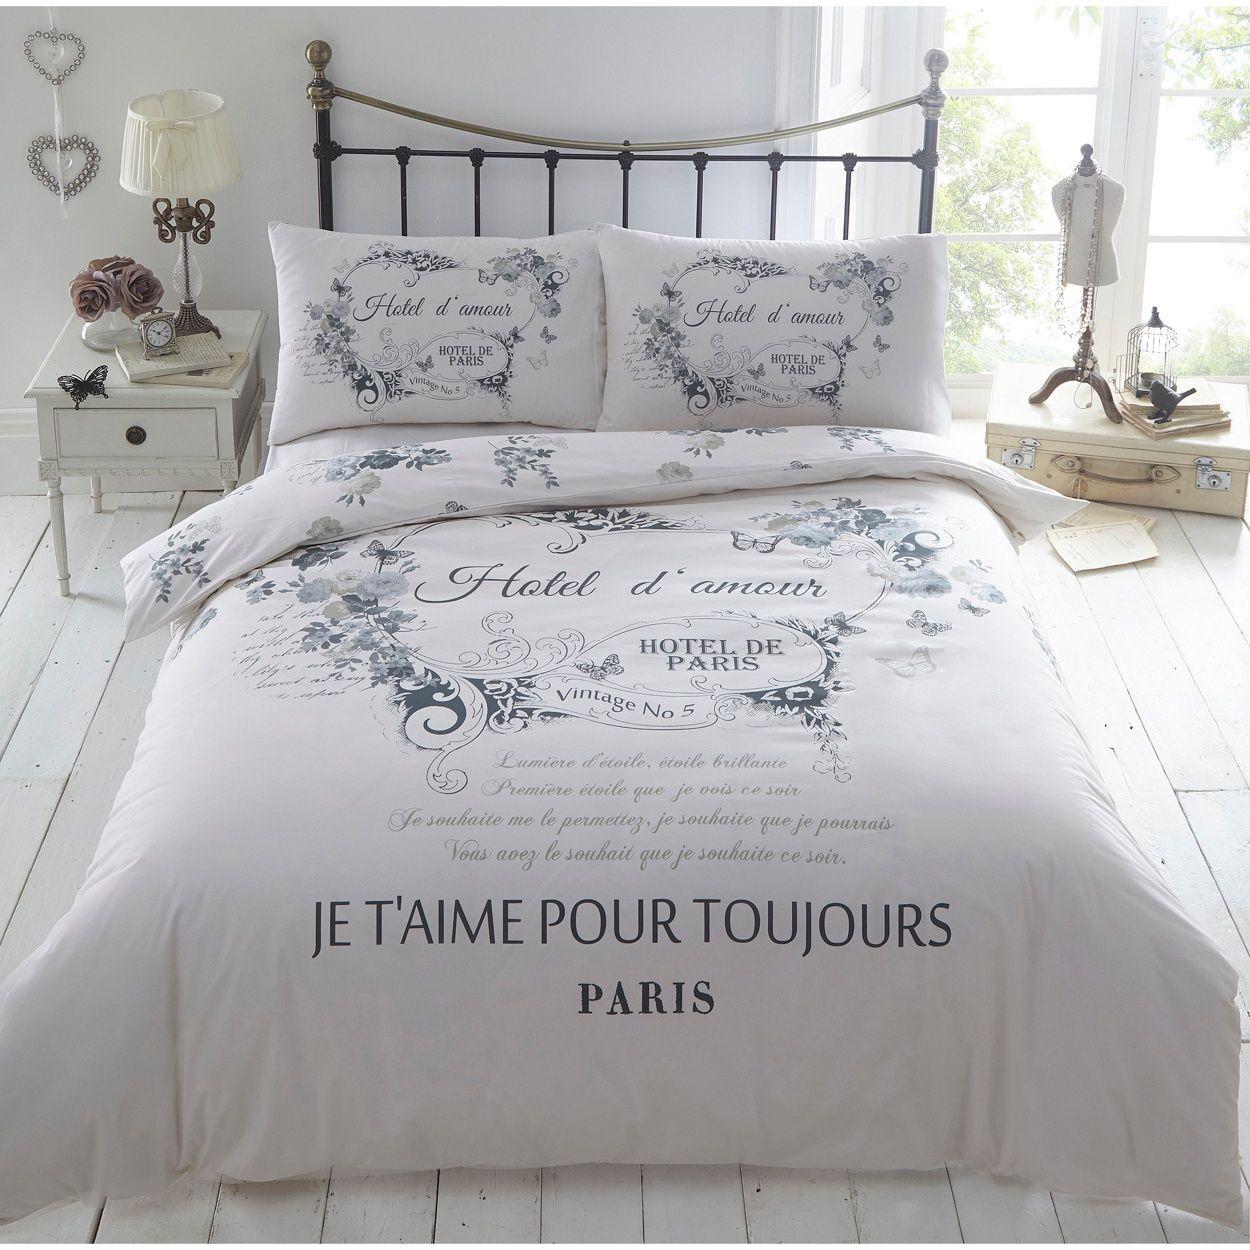 Debenhams Cream printed  Hotel de Paris  bedding set    Debenhams. Debenhams Cream printed  Hotel de Paris  bedding set    Debenhams